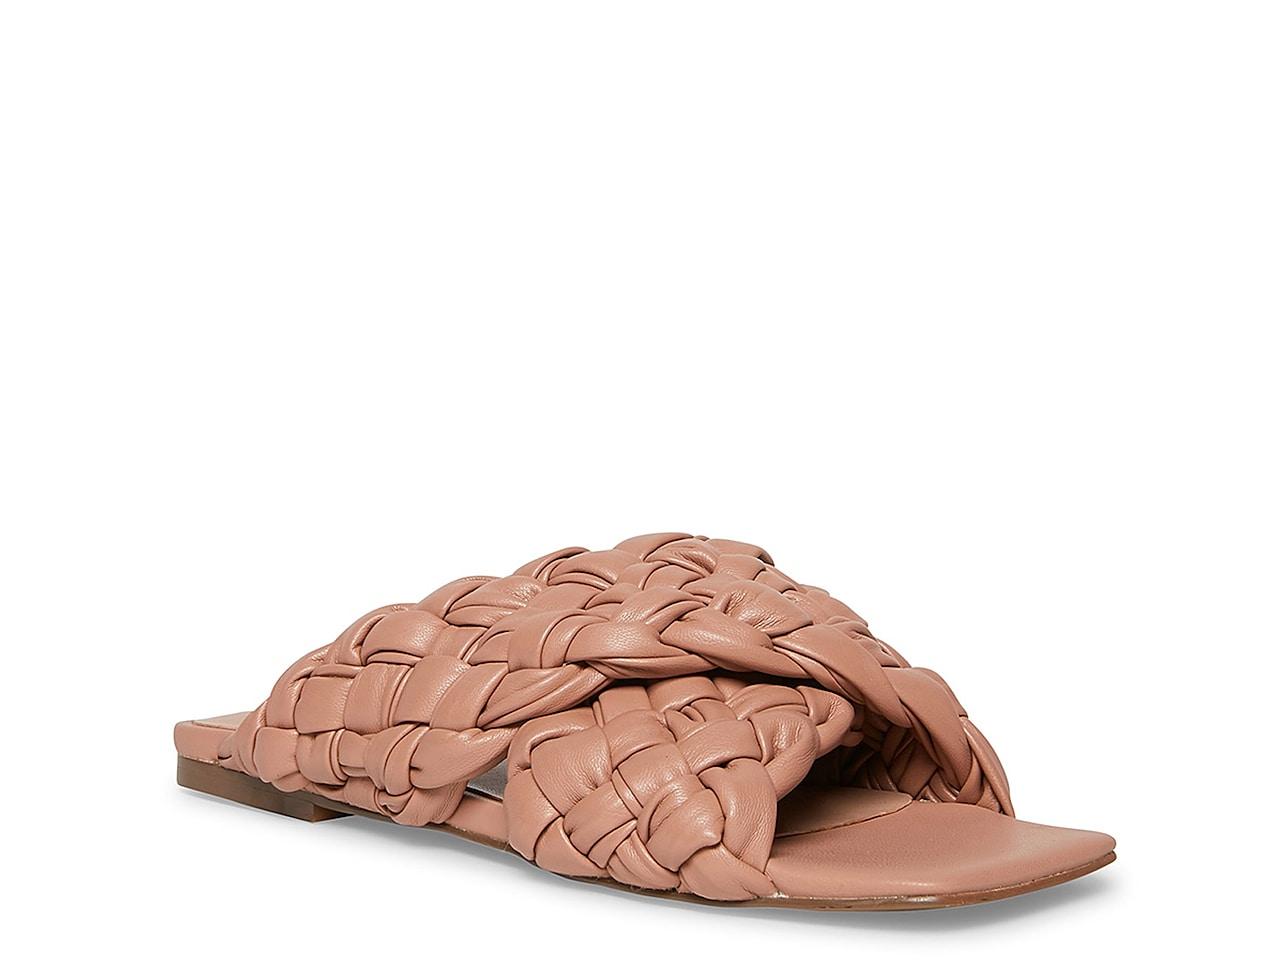 Steve Madden Marina Slide Sandal